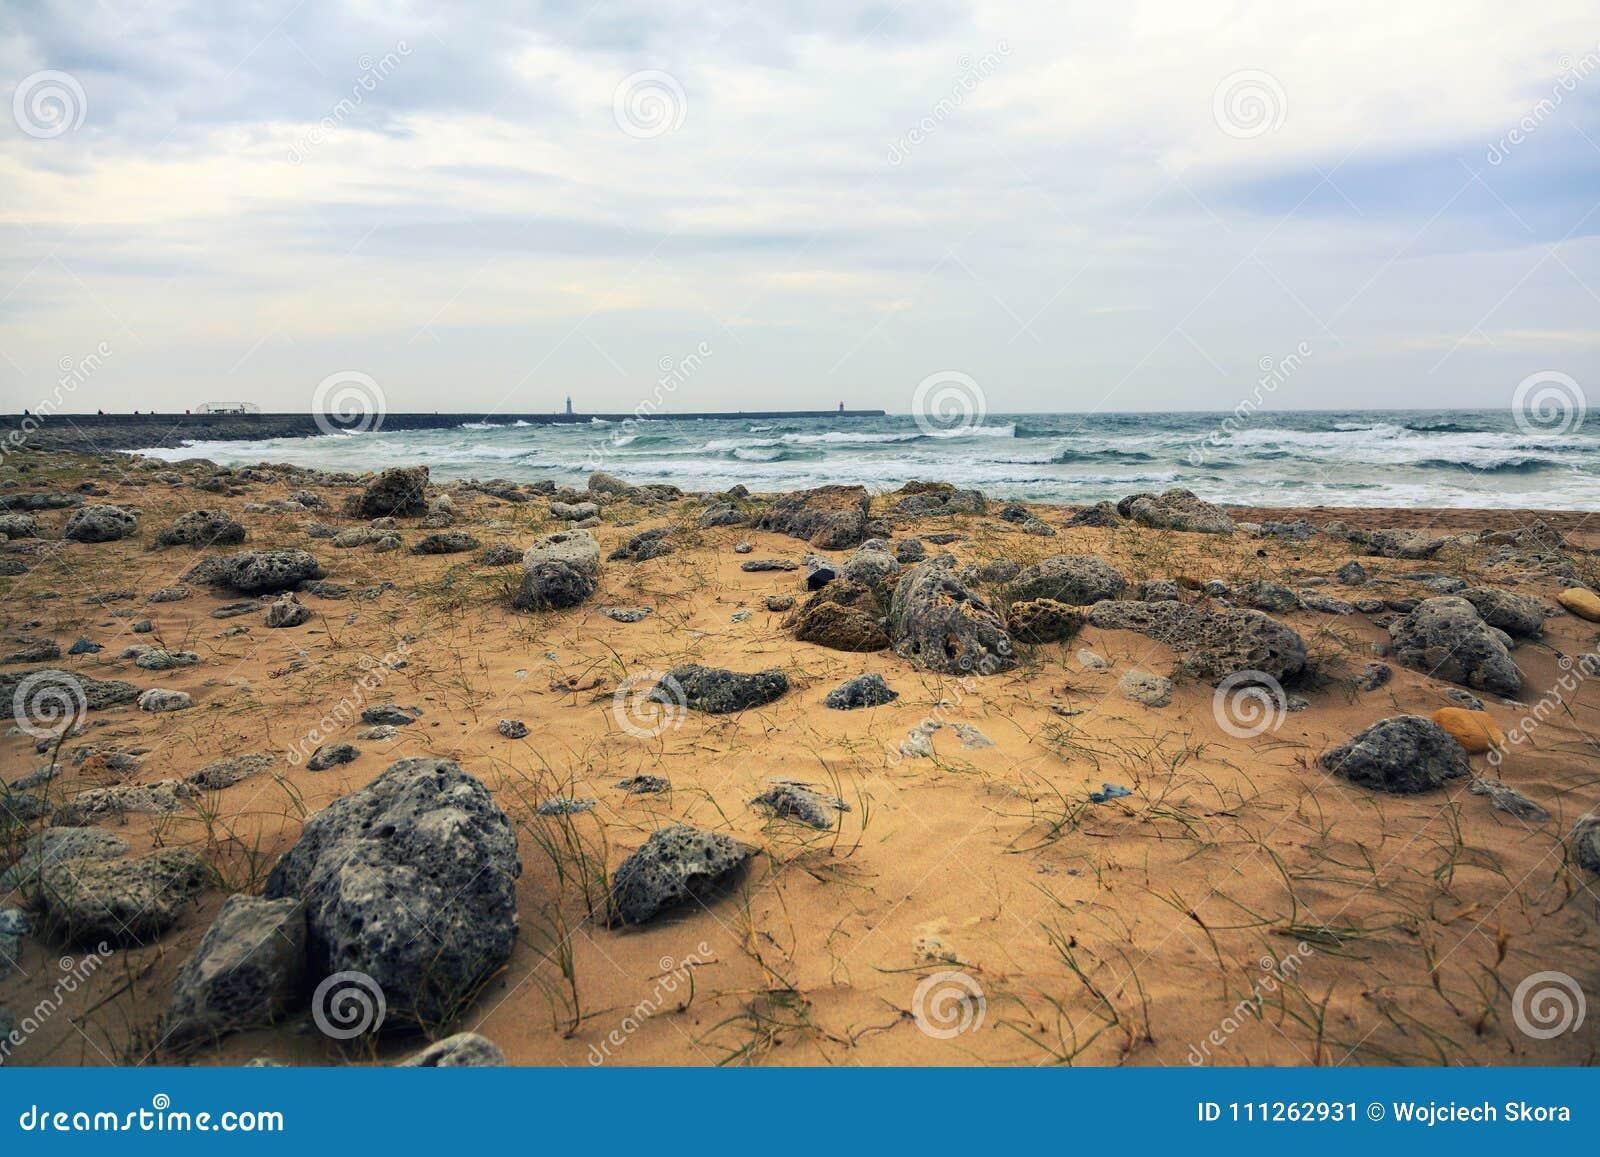 Plażowy krajobraz przy Południowymi osłonami